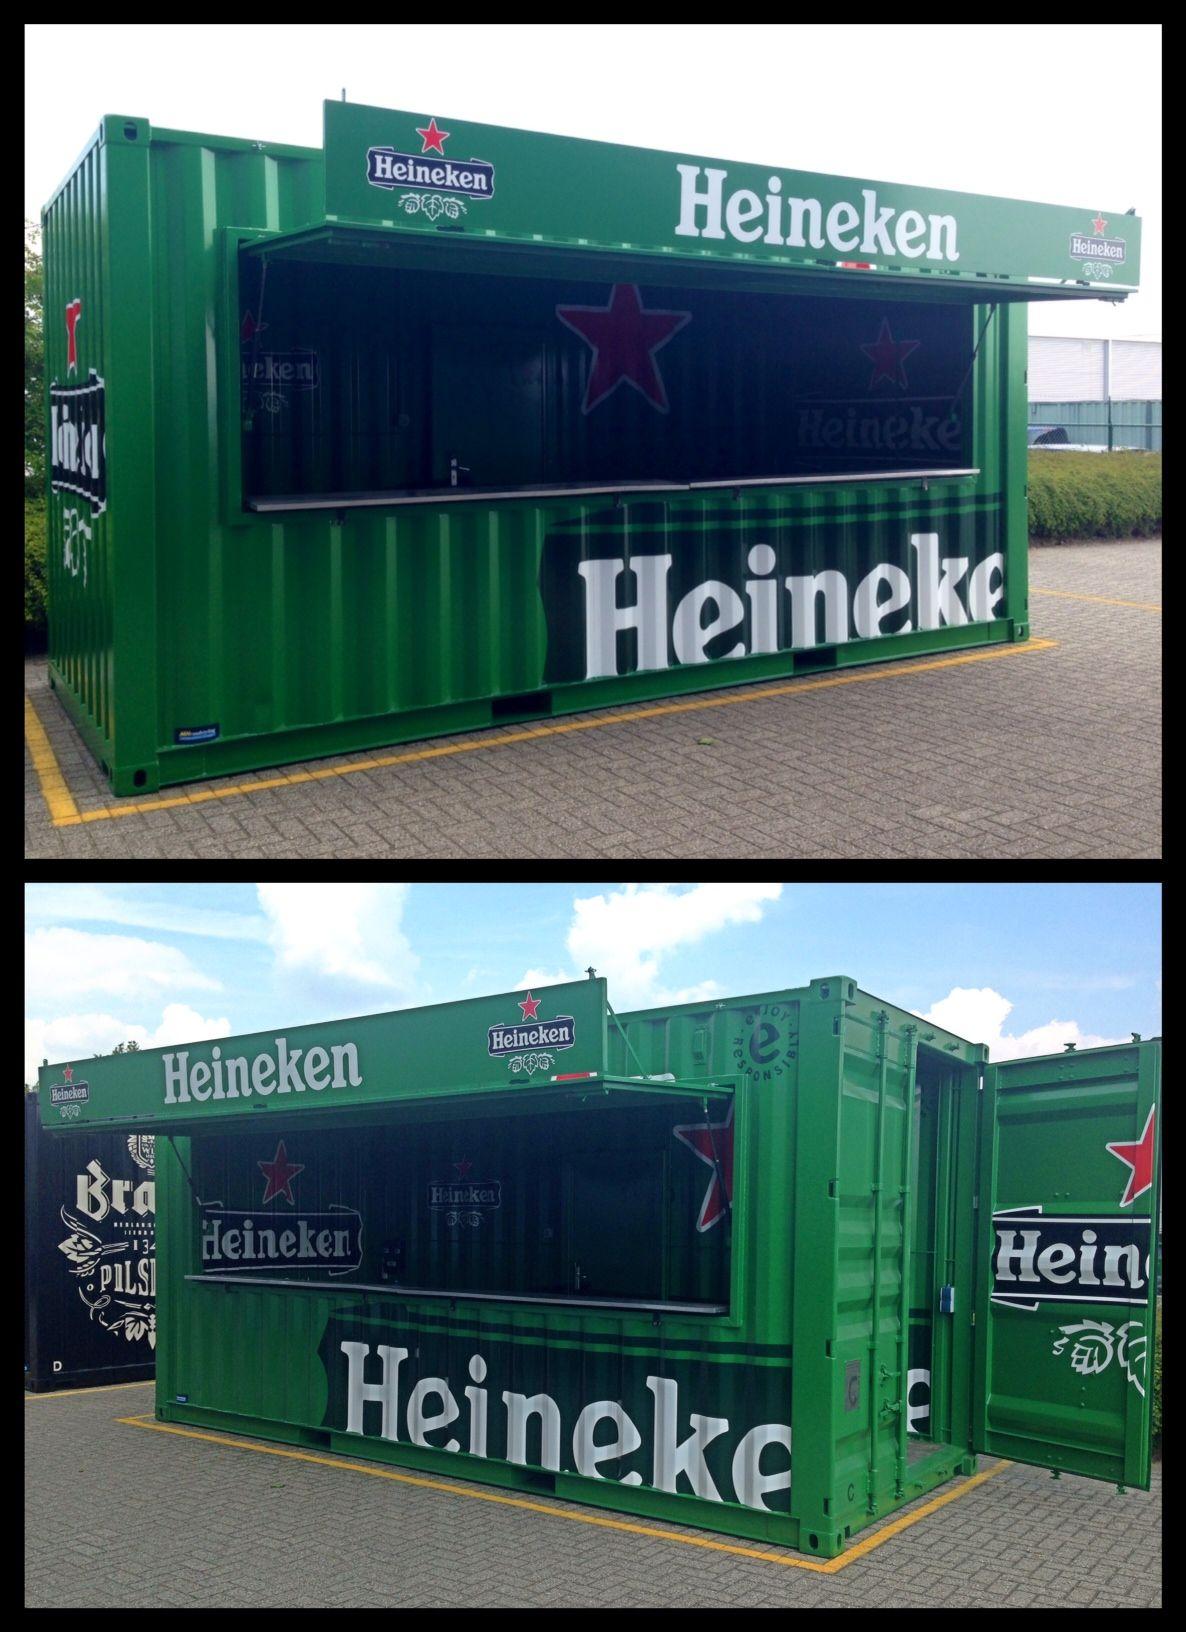 Verkoop container